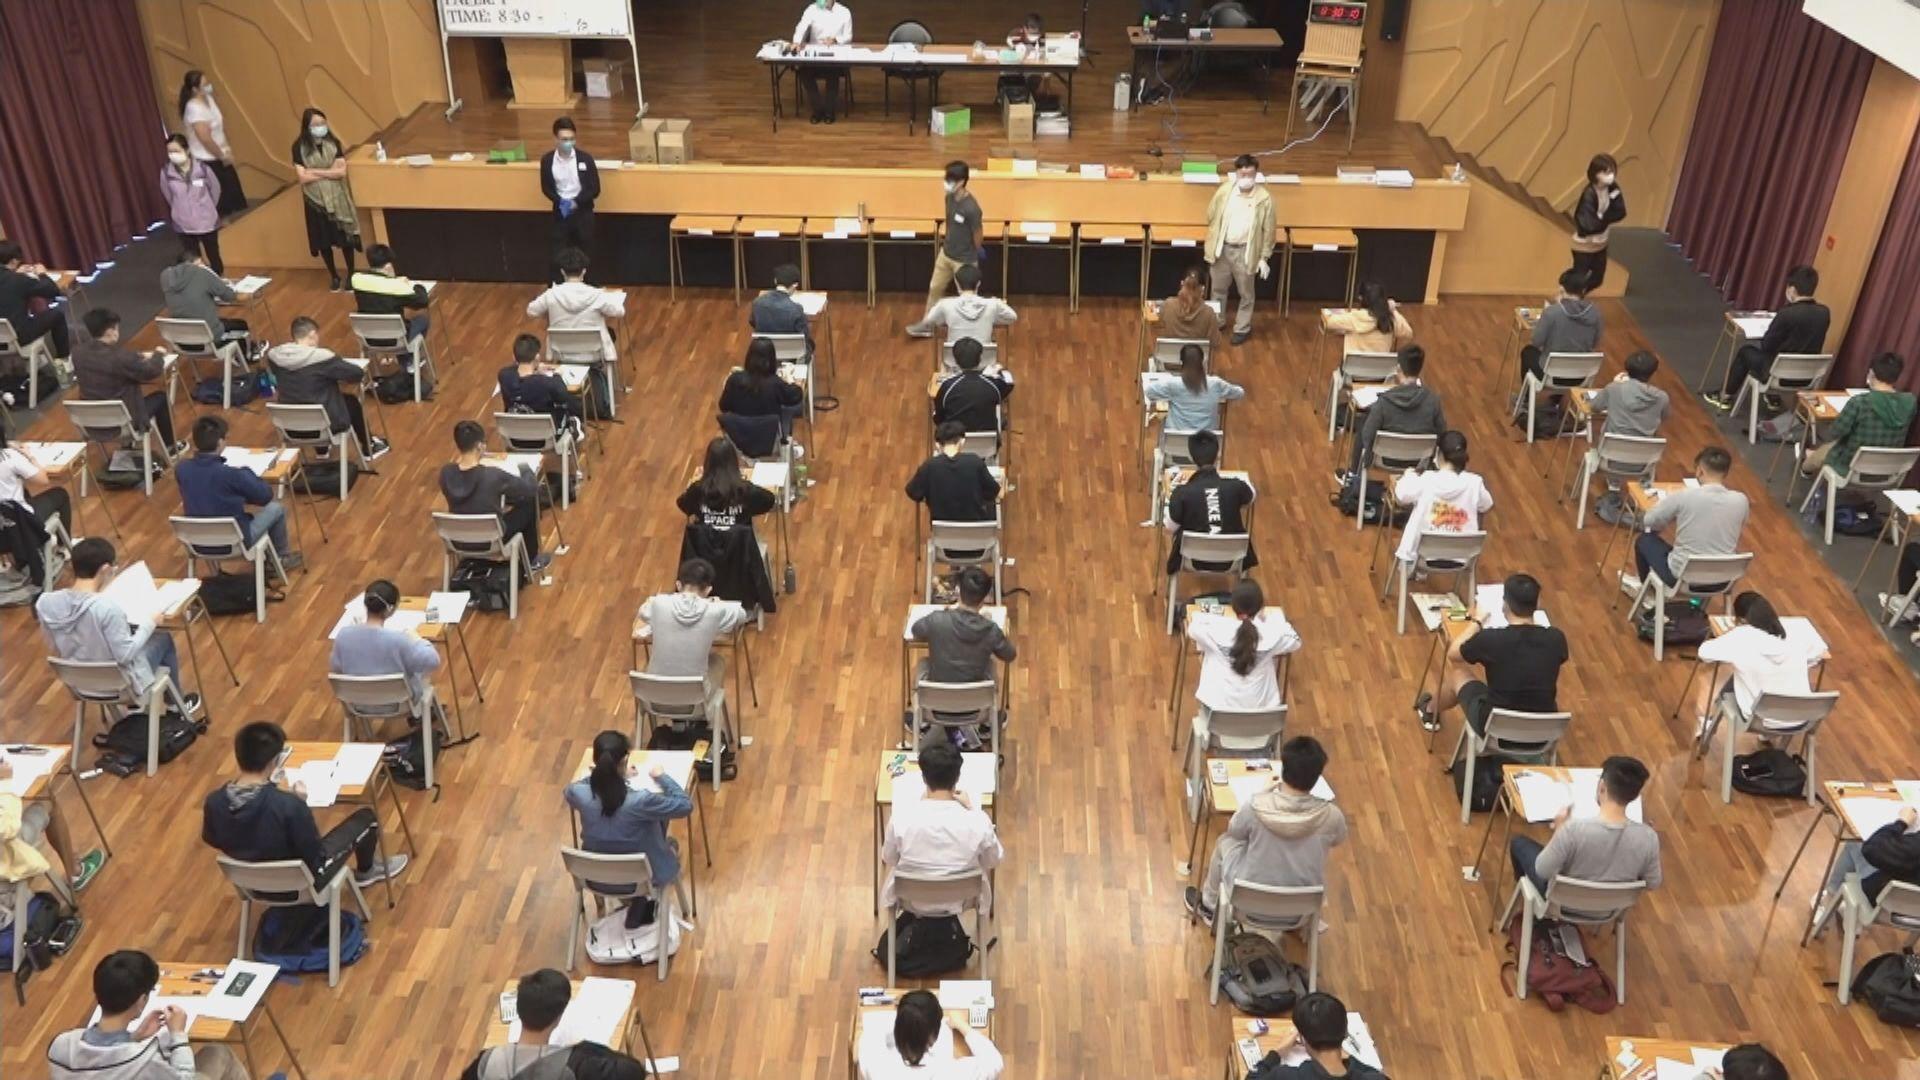 調查指逾五成文憑試考生壓力指數偏高 人數比例歷屆最高